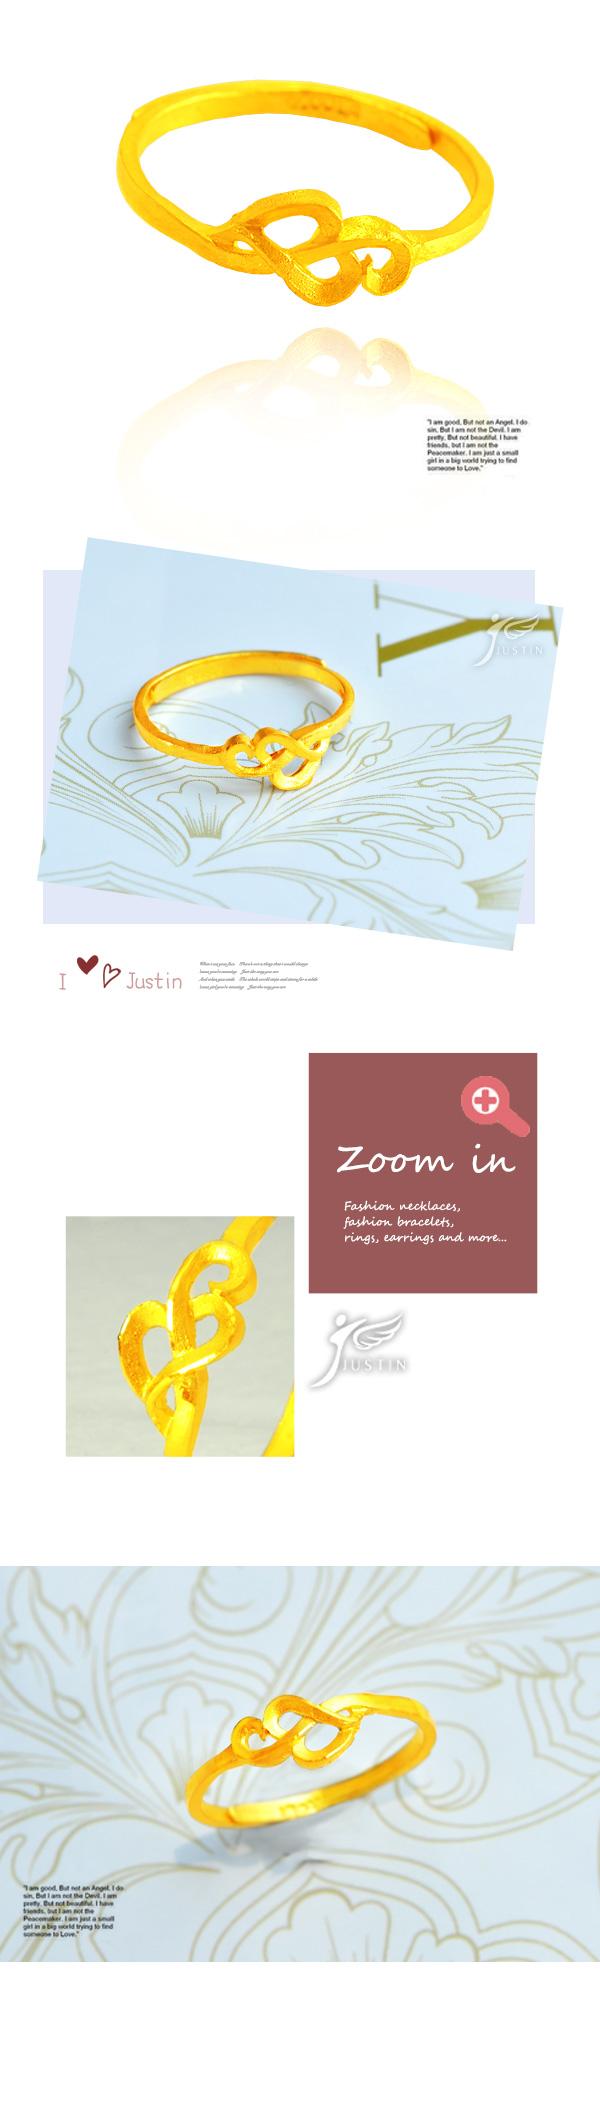 金緻品,金製品,黃金價格,金飾,金飾價格,黃金飾品,金飾店,純金,金飾品牌,黃金投資,優雅律動,流線心型